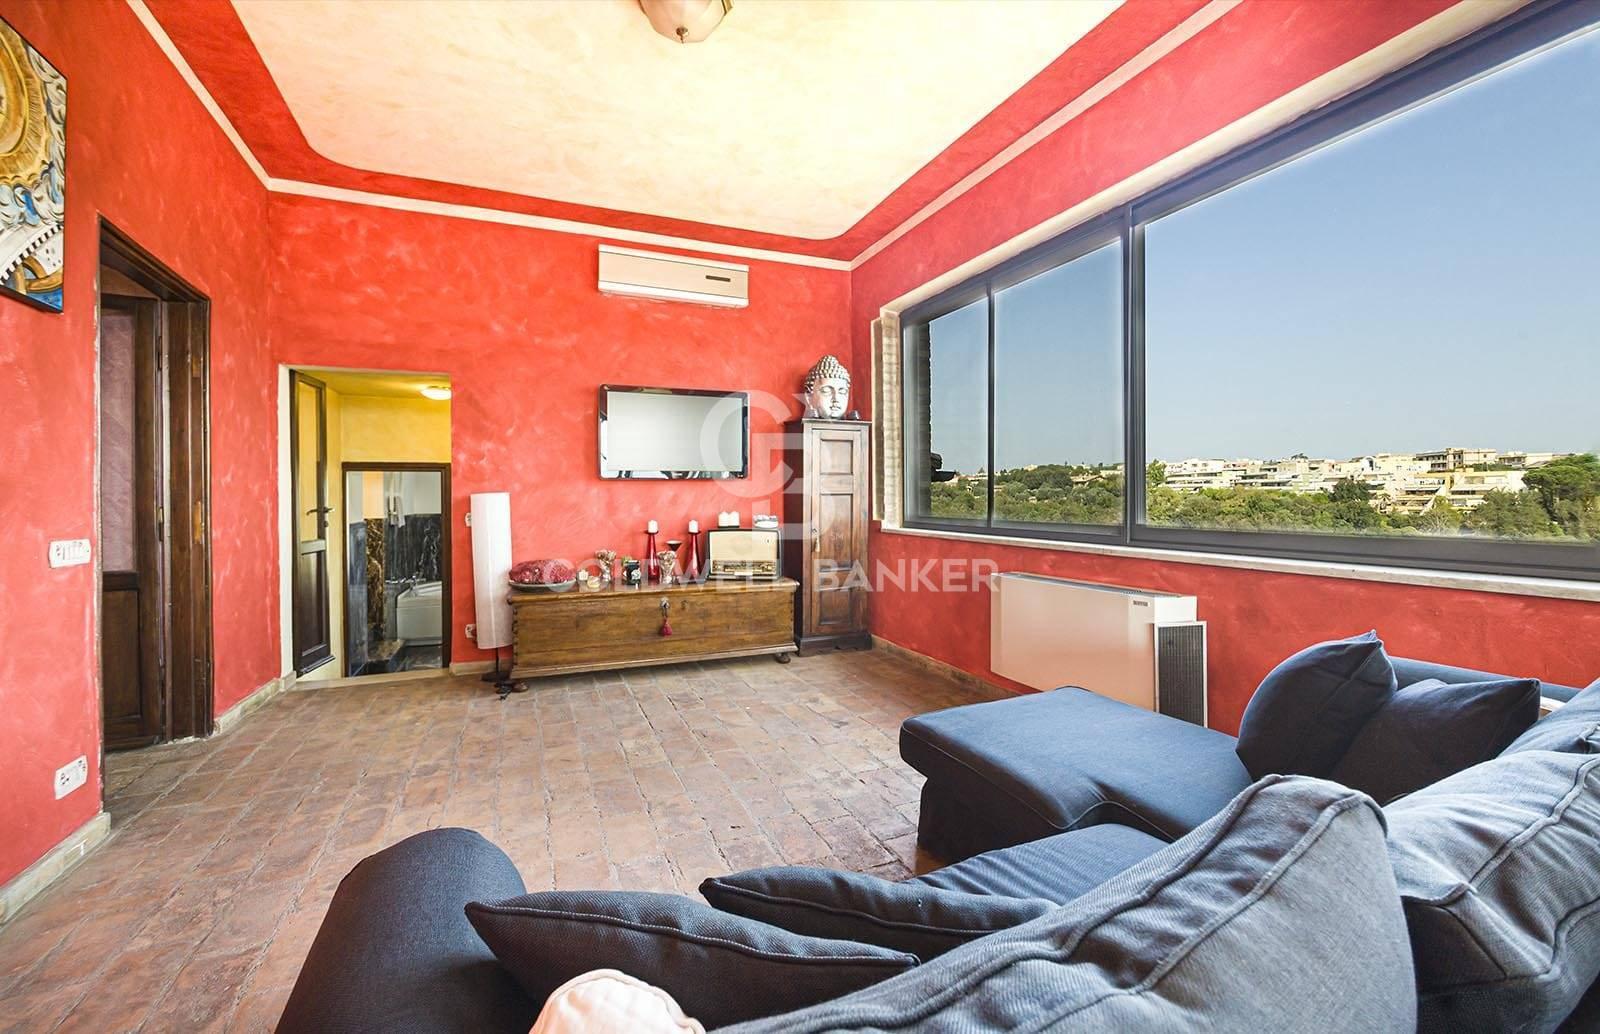 Attico / Mansarda in vendita a Civita Castellana, 6 locali, zona Località: CentroStorico, prezzo € 269.000 | PortaleAgenzieImmobiliari.it